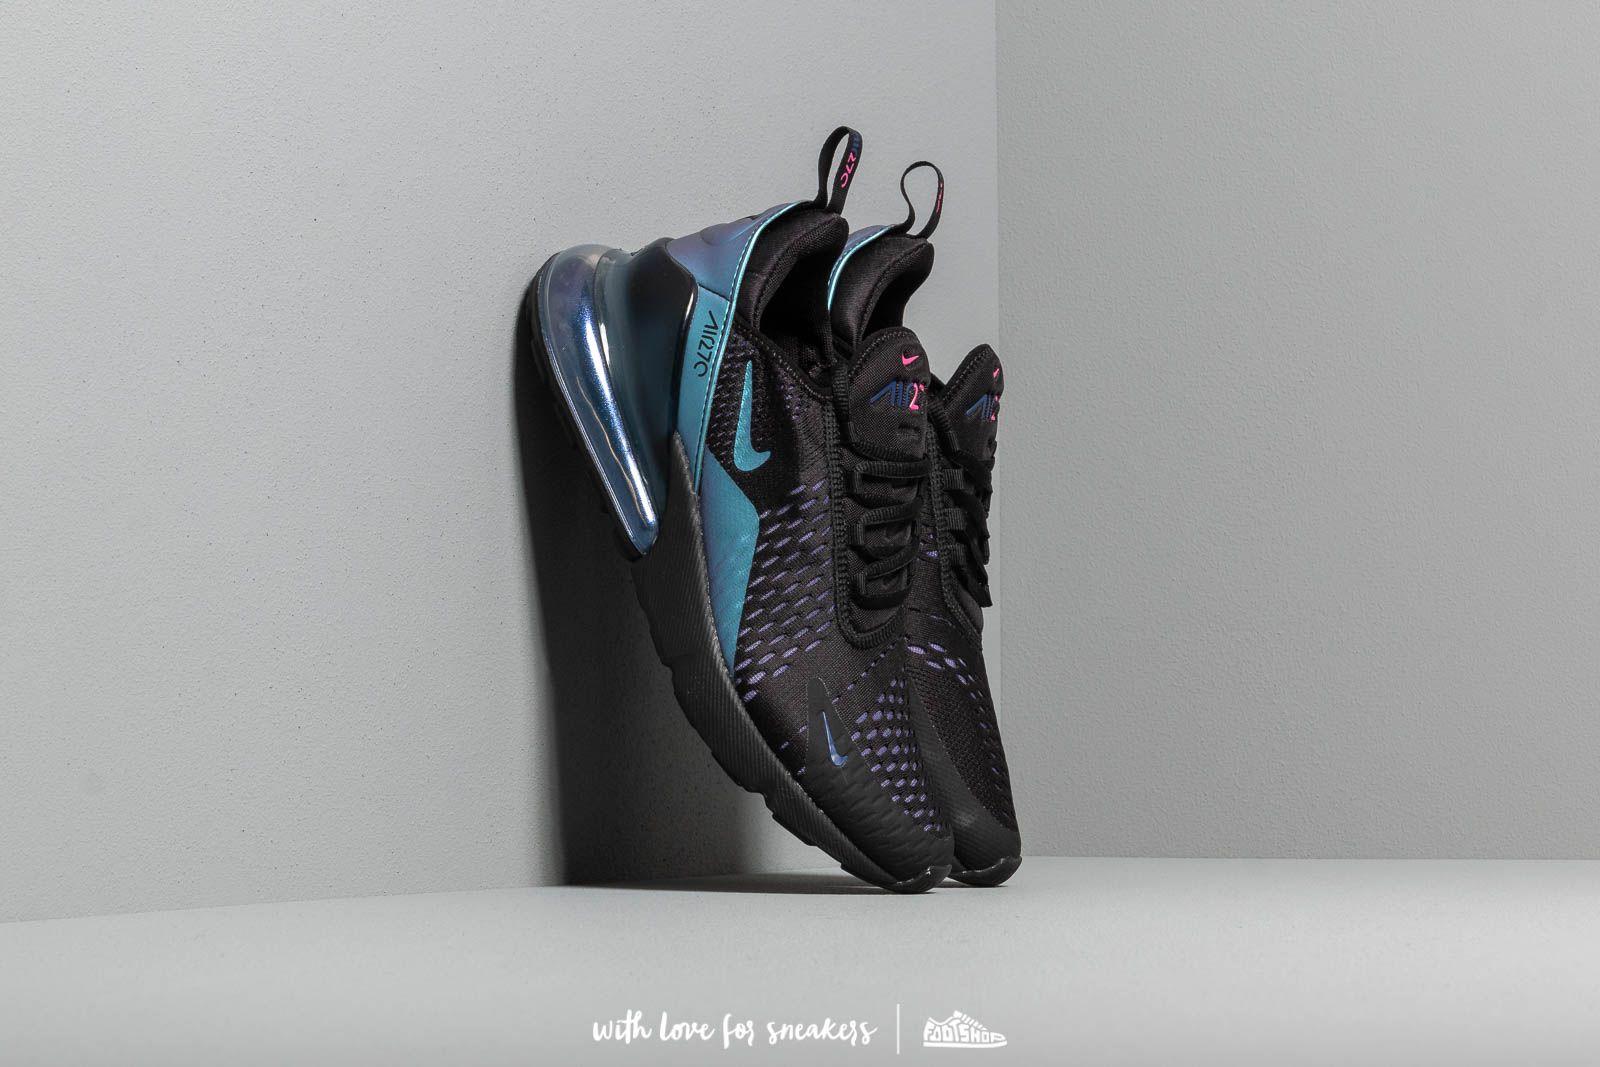 862becb19a962 Nike Air Max 270 Black/ Laser Fuchsia-Regency Purple | Footshop